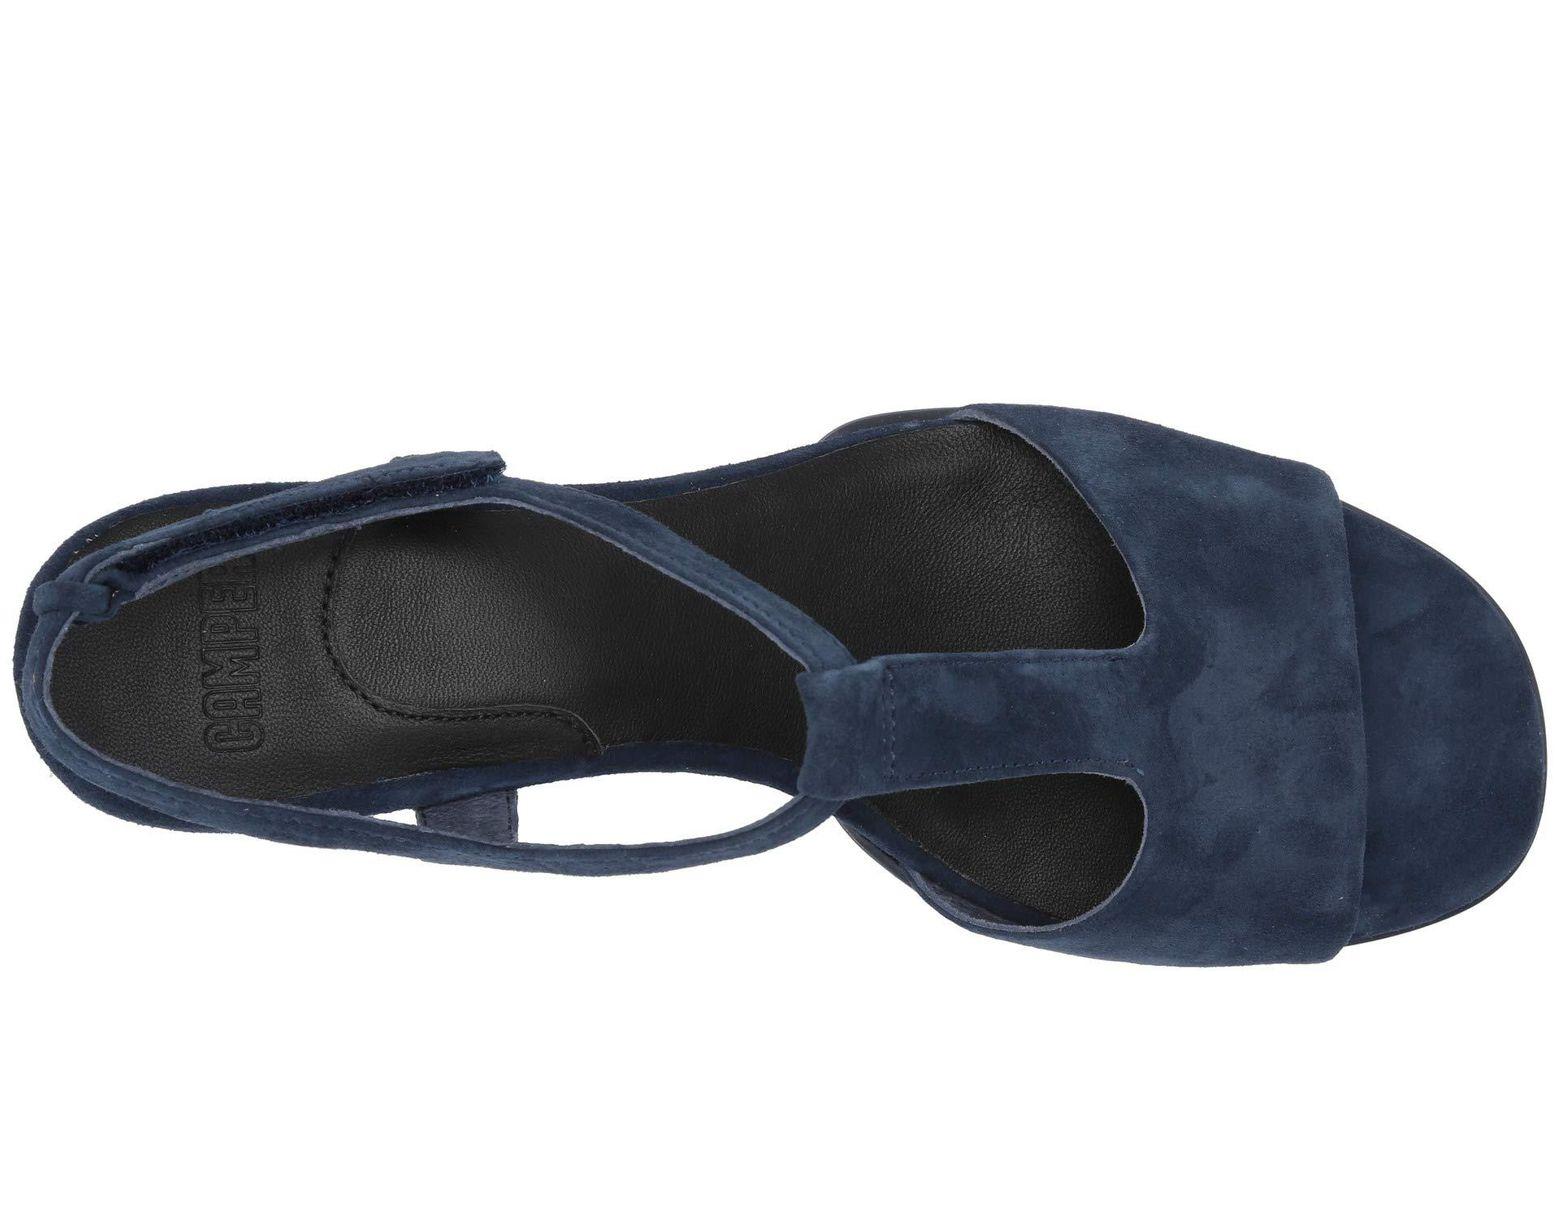 Sandal Sandal E Camper Camper Katie Katie K200835Sandales K200835Sandales 435AjRL